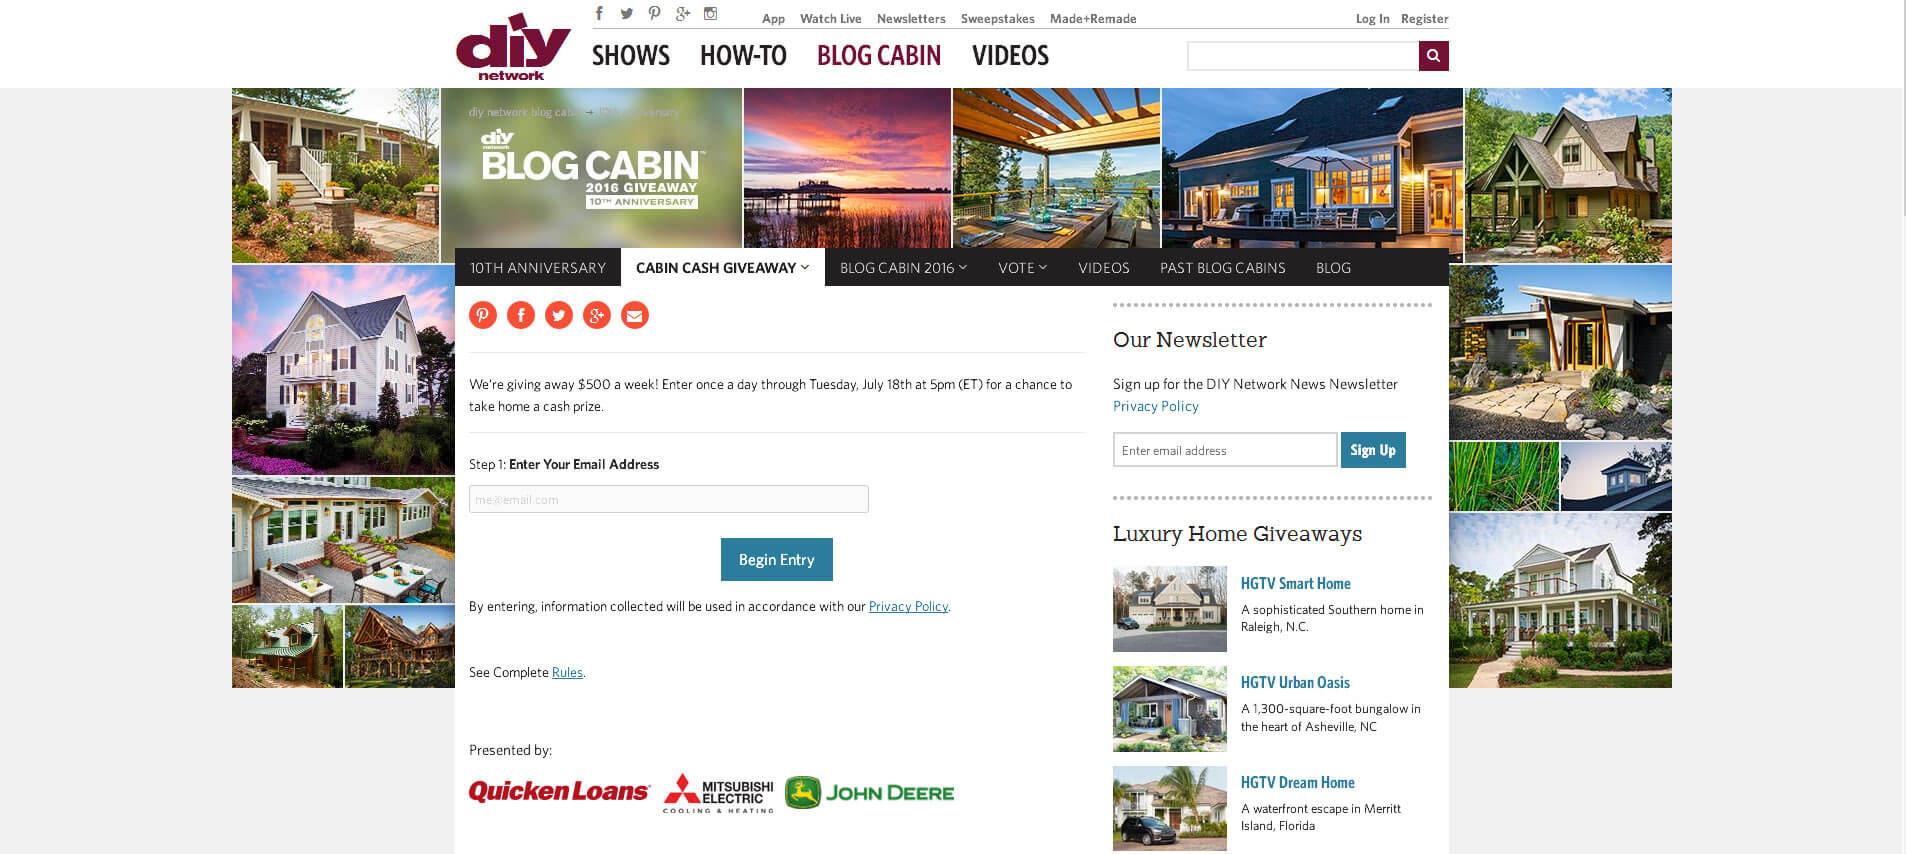 DIY Network Blog Cabin Cash Giveaway